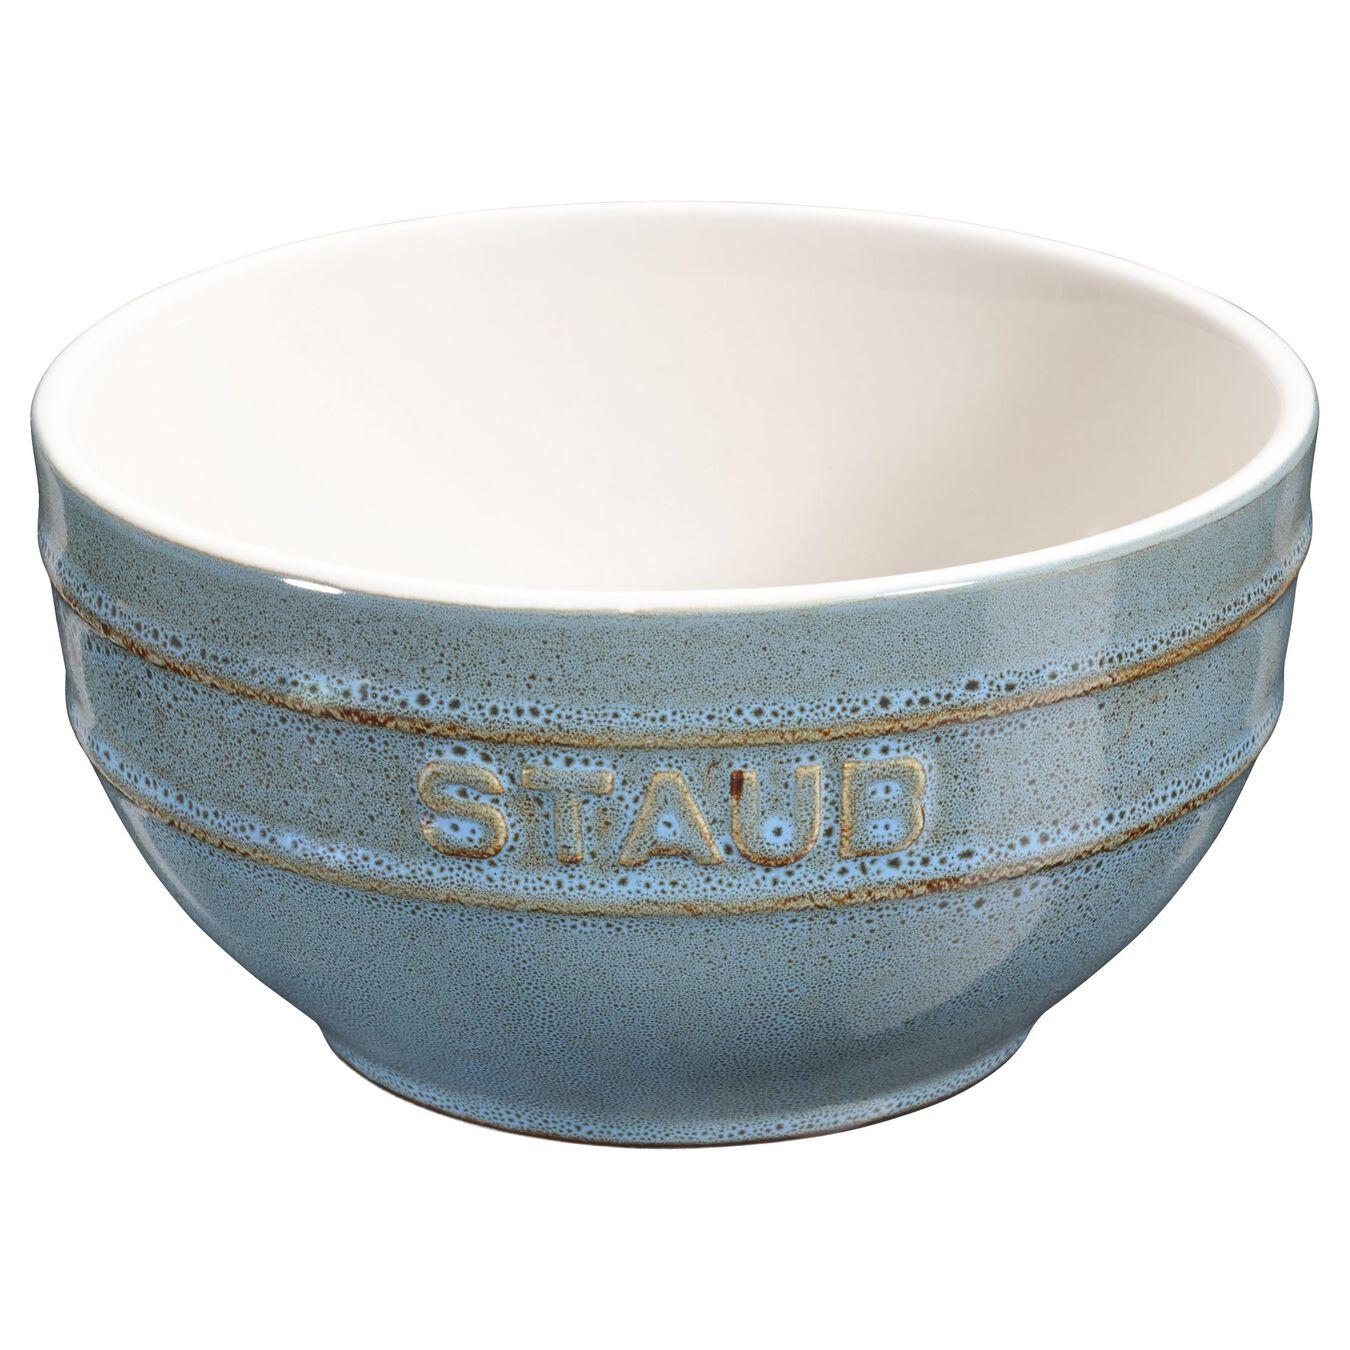 Schüssel 17 cm, Keramik, Antik-Türkis,,large 1